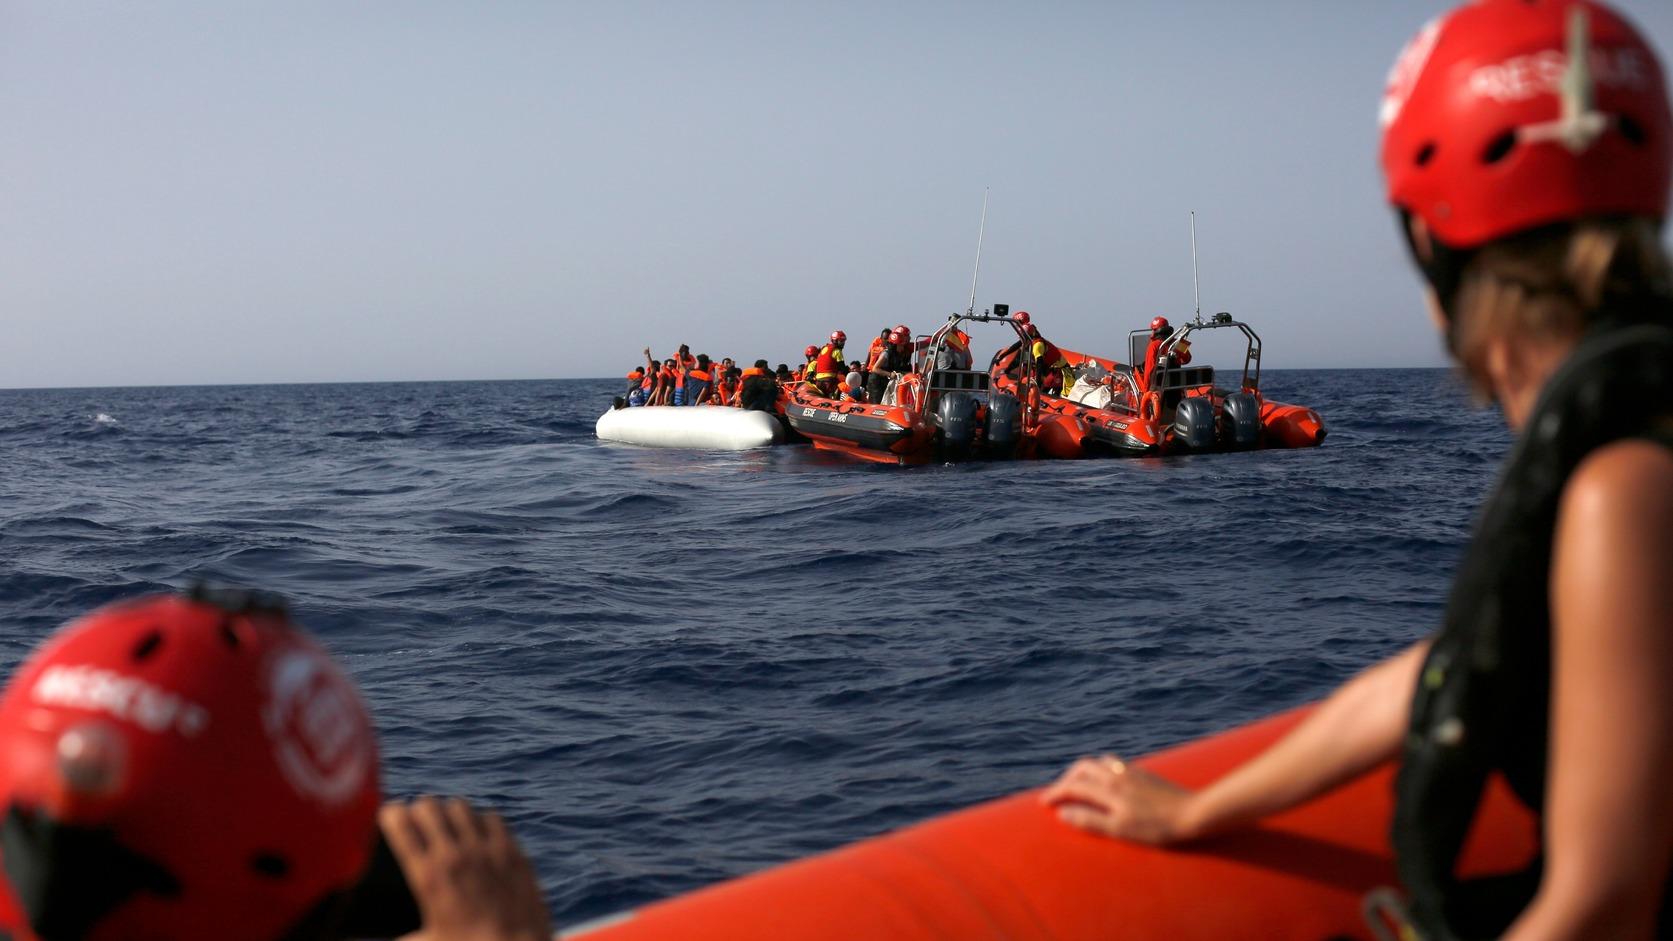 Földközi-tenger, 2018. július 1. Ana Miranda, az Európai Parlament képviselője (b) és egy újságíró (j) nézi, ahogy Európába igyekvő afrikai illegális bevándorlók gumicsónakjukból átszállnak a Proactiva Open Arms spanyol nem kormányzati szervezet Open Arms hajójának mentőcsónakjába a Földközi-tengeren, mintegy 30 tengeri mérföldre Líbia partjai előtt 2018. június 30-án. Az Open Arms 60 migránst vett a fedélzetére, hogy Olaszországba vigye őket, jóllehet Matteo Salvini olasz belügyminiszter lezárta az olasz kikötőket a migránsokat szállító úgynevezett mentőhajók előtt. (MTI/AP/Renata Brito)